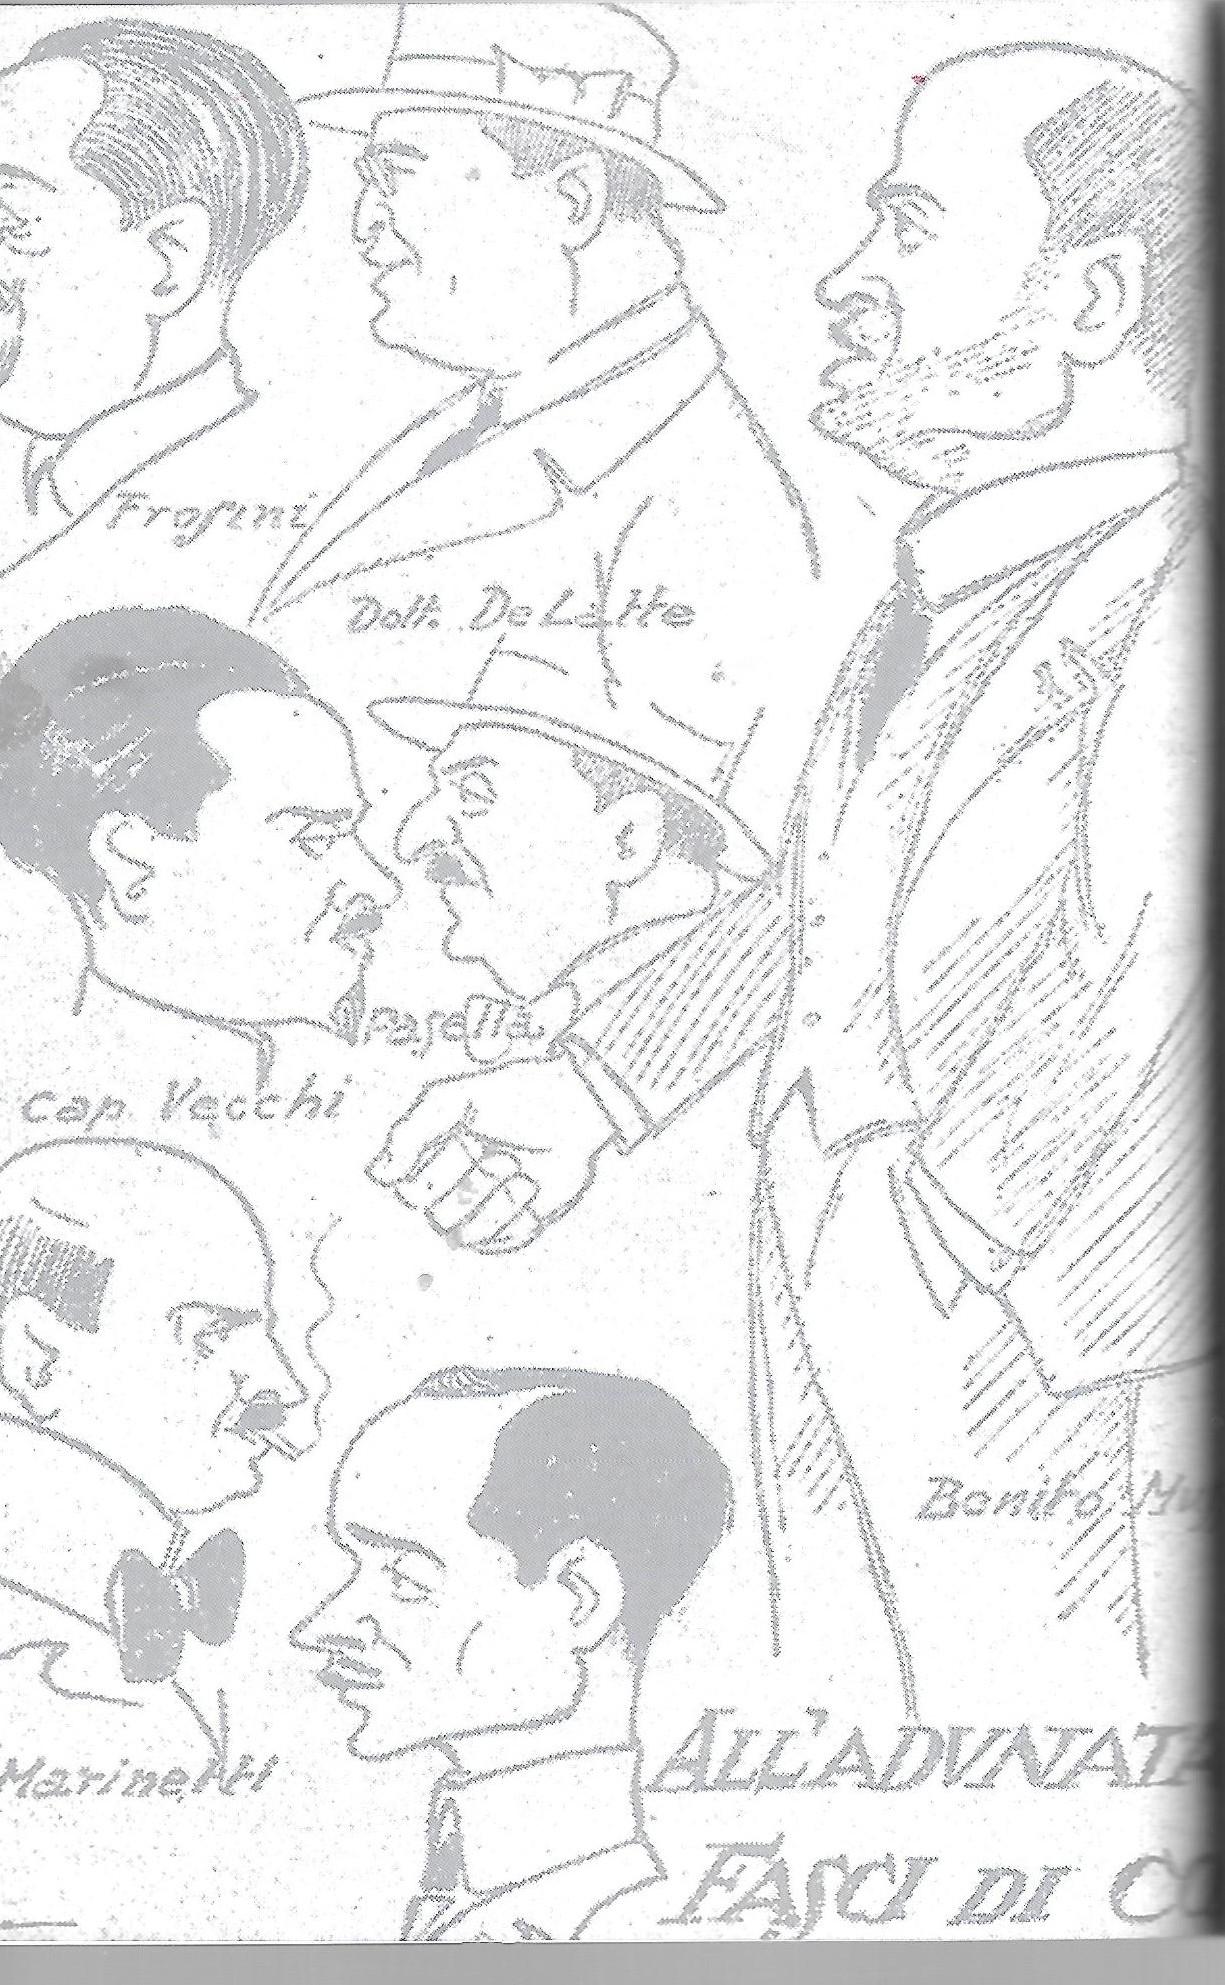 La volontà di rivincita: nascono i FdC, Firenze 1919 (terza parte) – Giacinto Reale